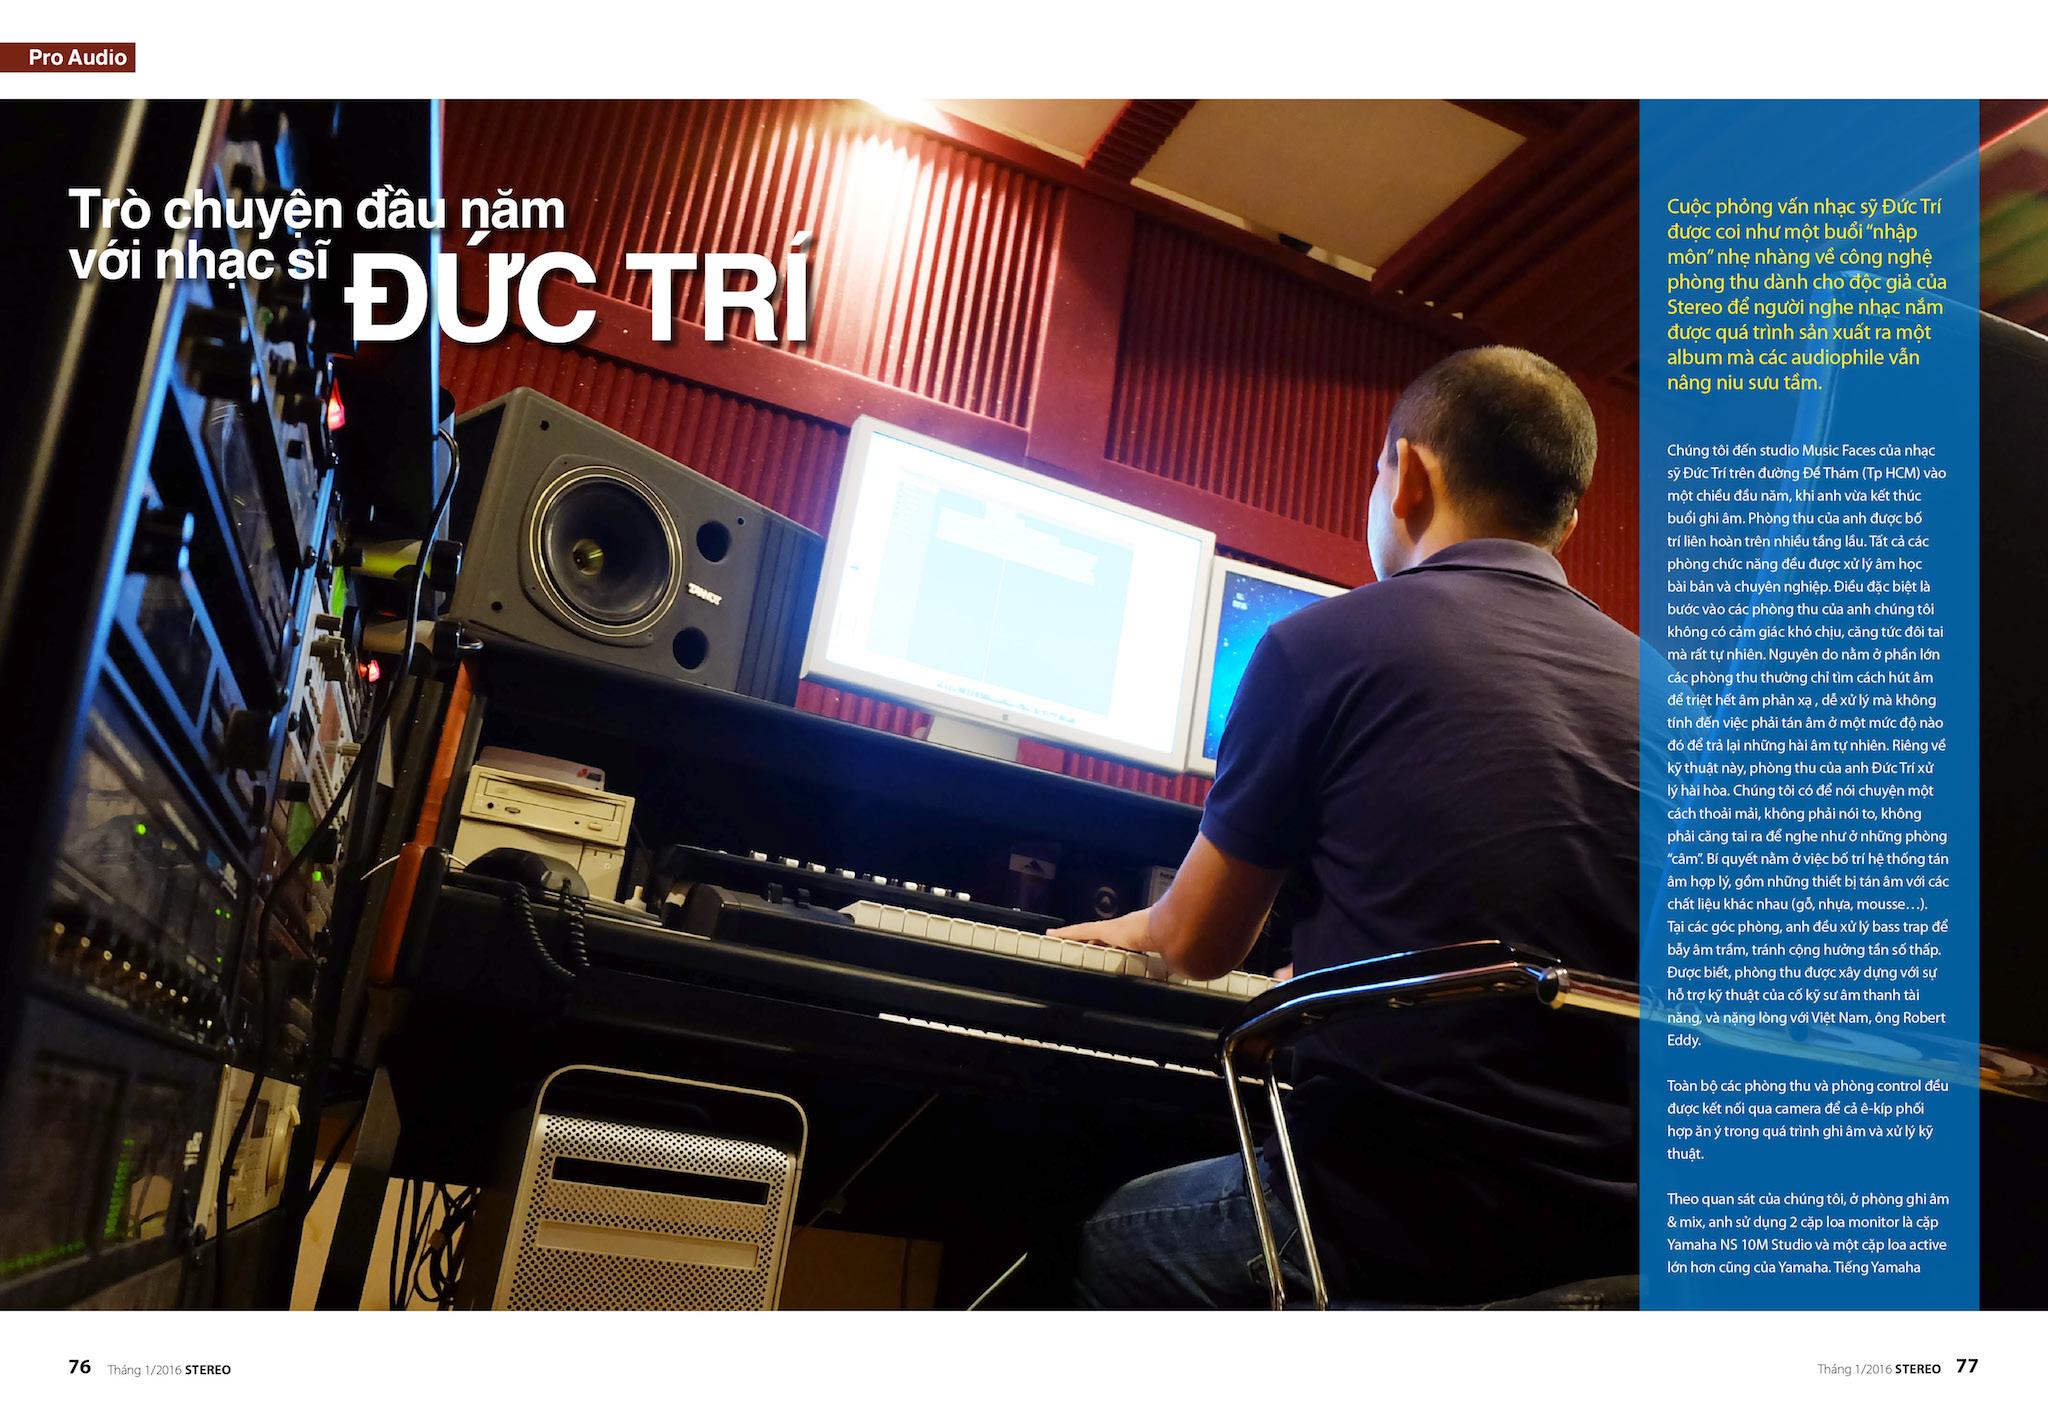 4 Duc Tri.jpg